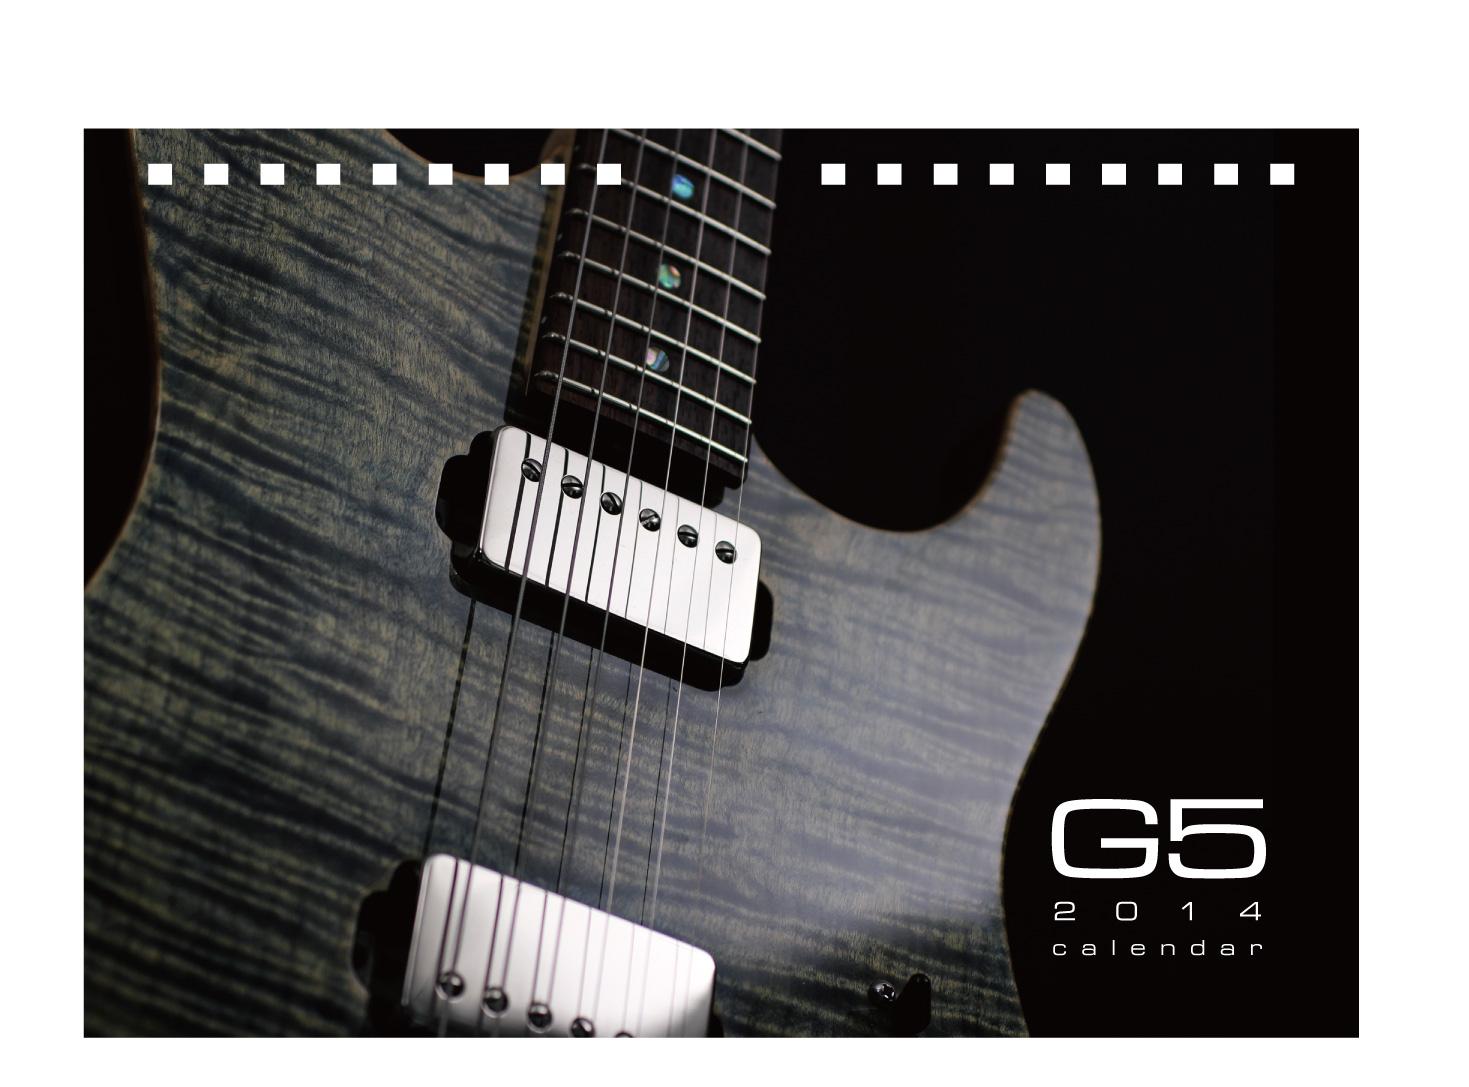 G5_2014_Calender